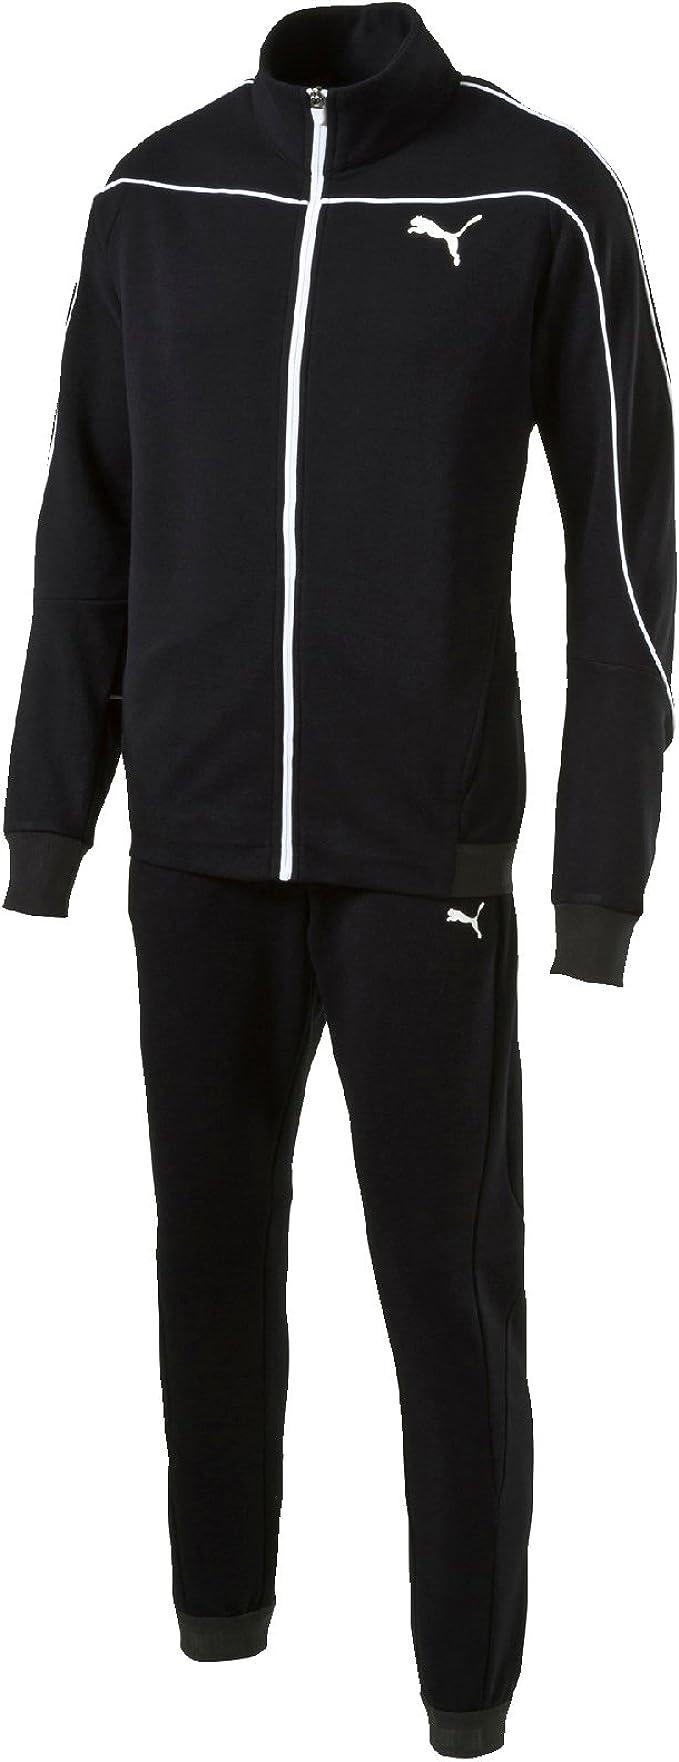 Puma Style Best Suit Chándal, Hombre, Style Best Suit, Cotton ...